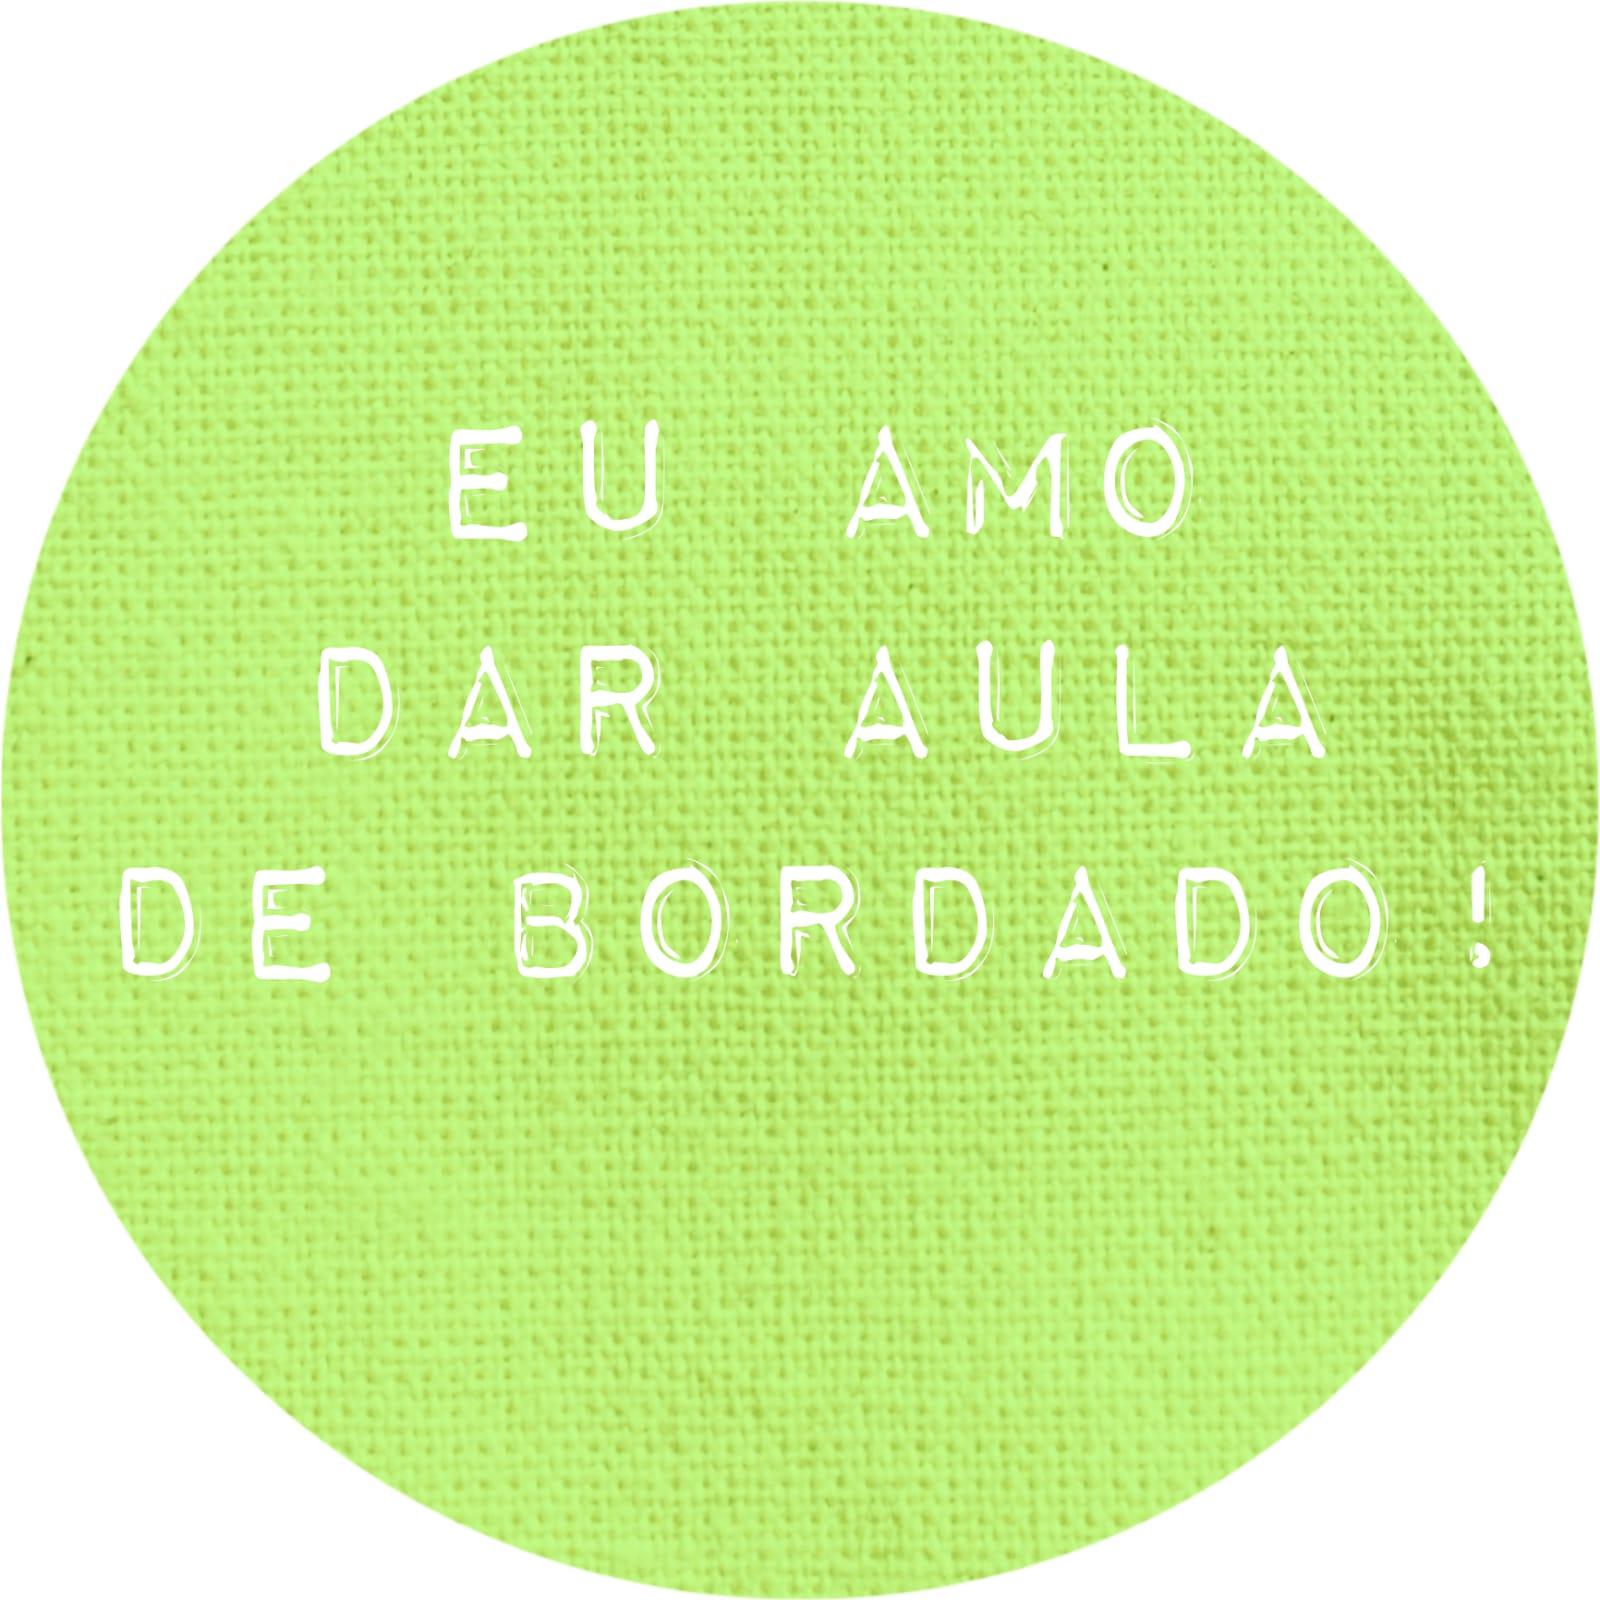 BORDADOLOGIA BORDADO LIVRE DESCOMPLICADO BELO HORIZONTE AULA DE BORDADO RISCOS TUTORIAIS EU AMO DAR AULA DE BORDADO